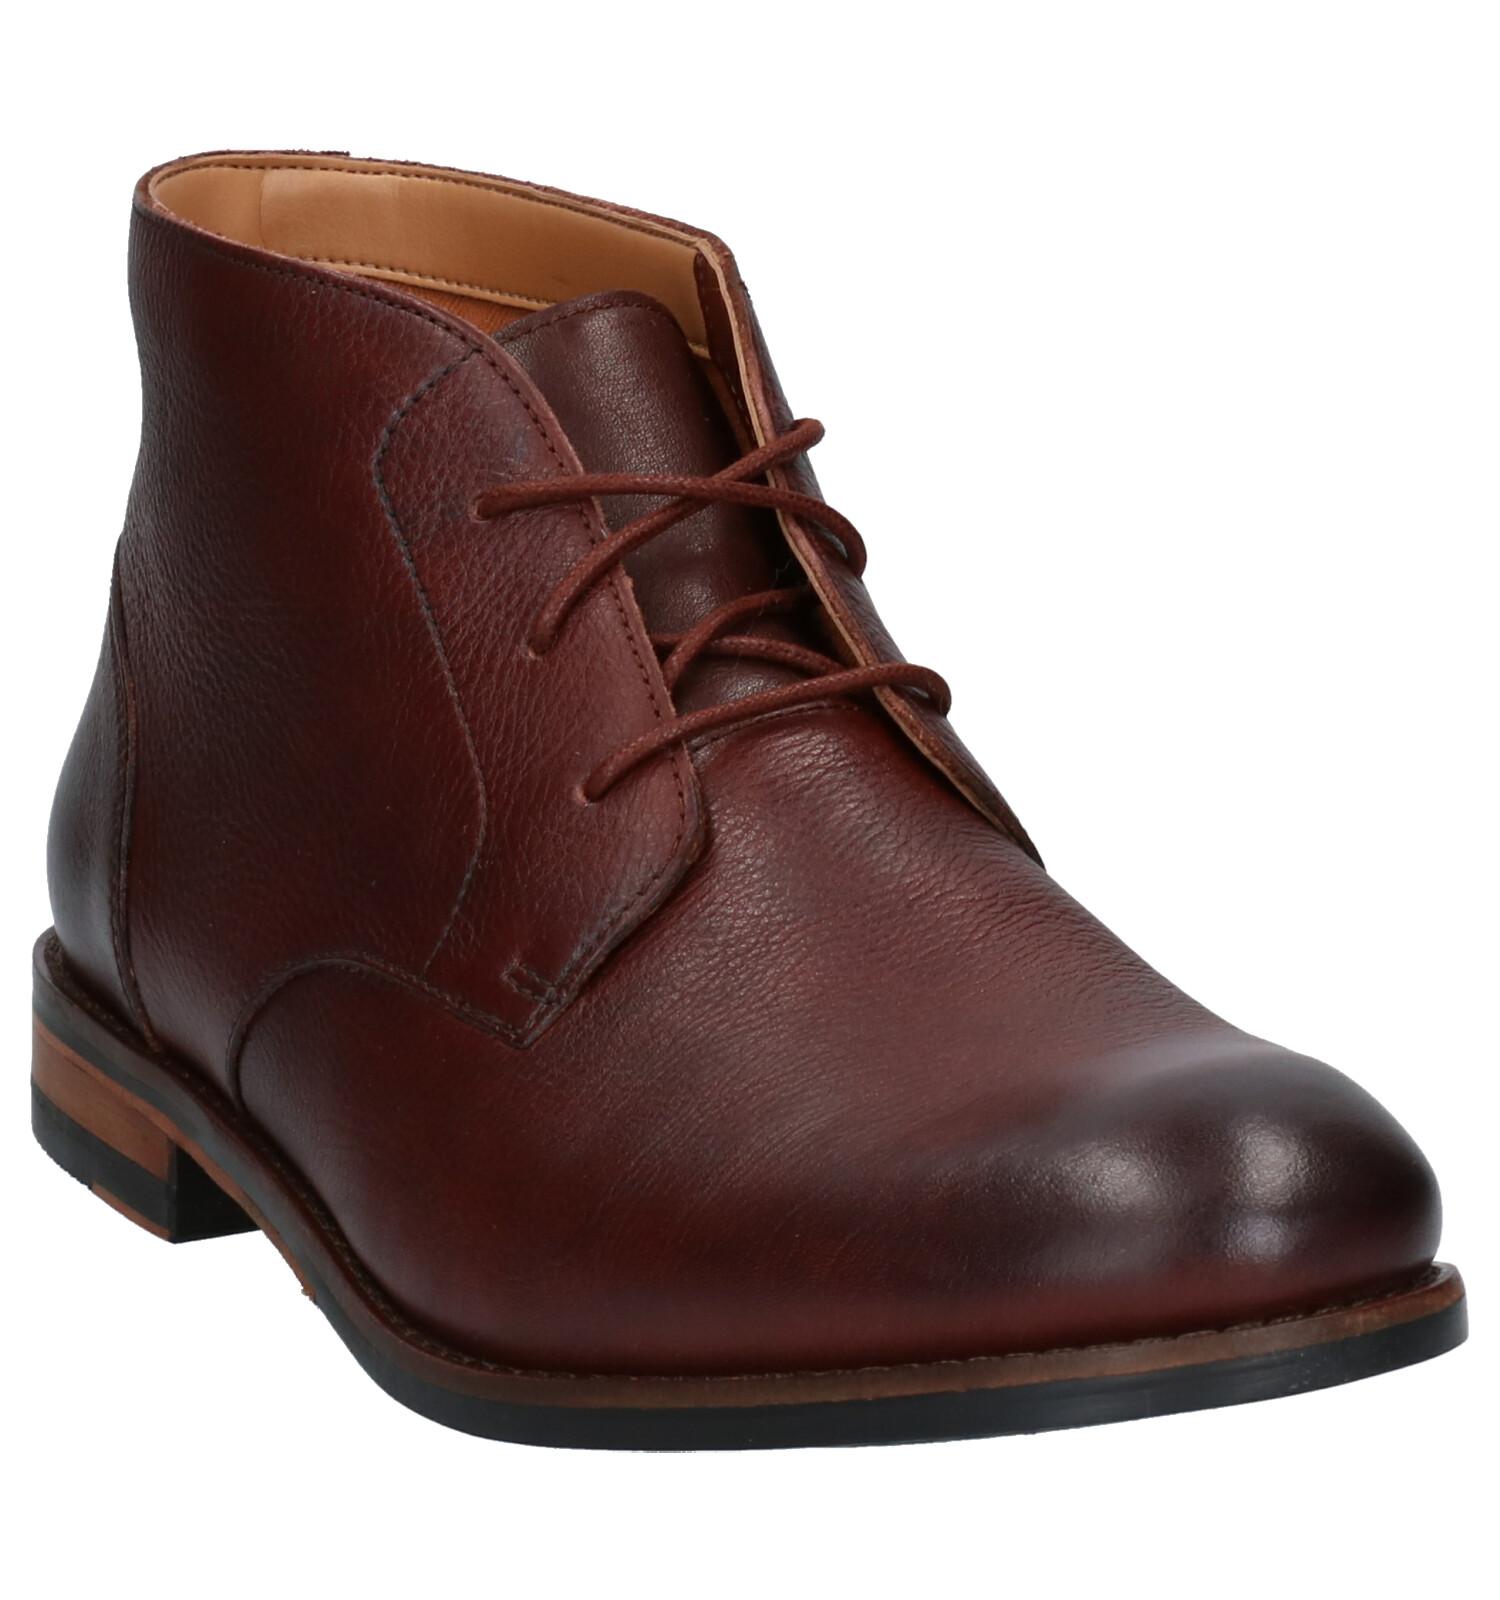 Flow Chaussures En Clarks Top Hautes Marron xrdBoeWC